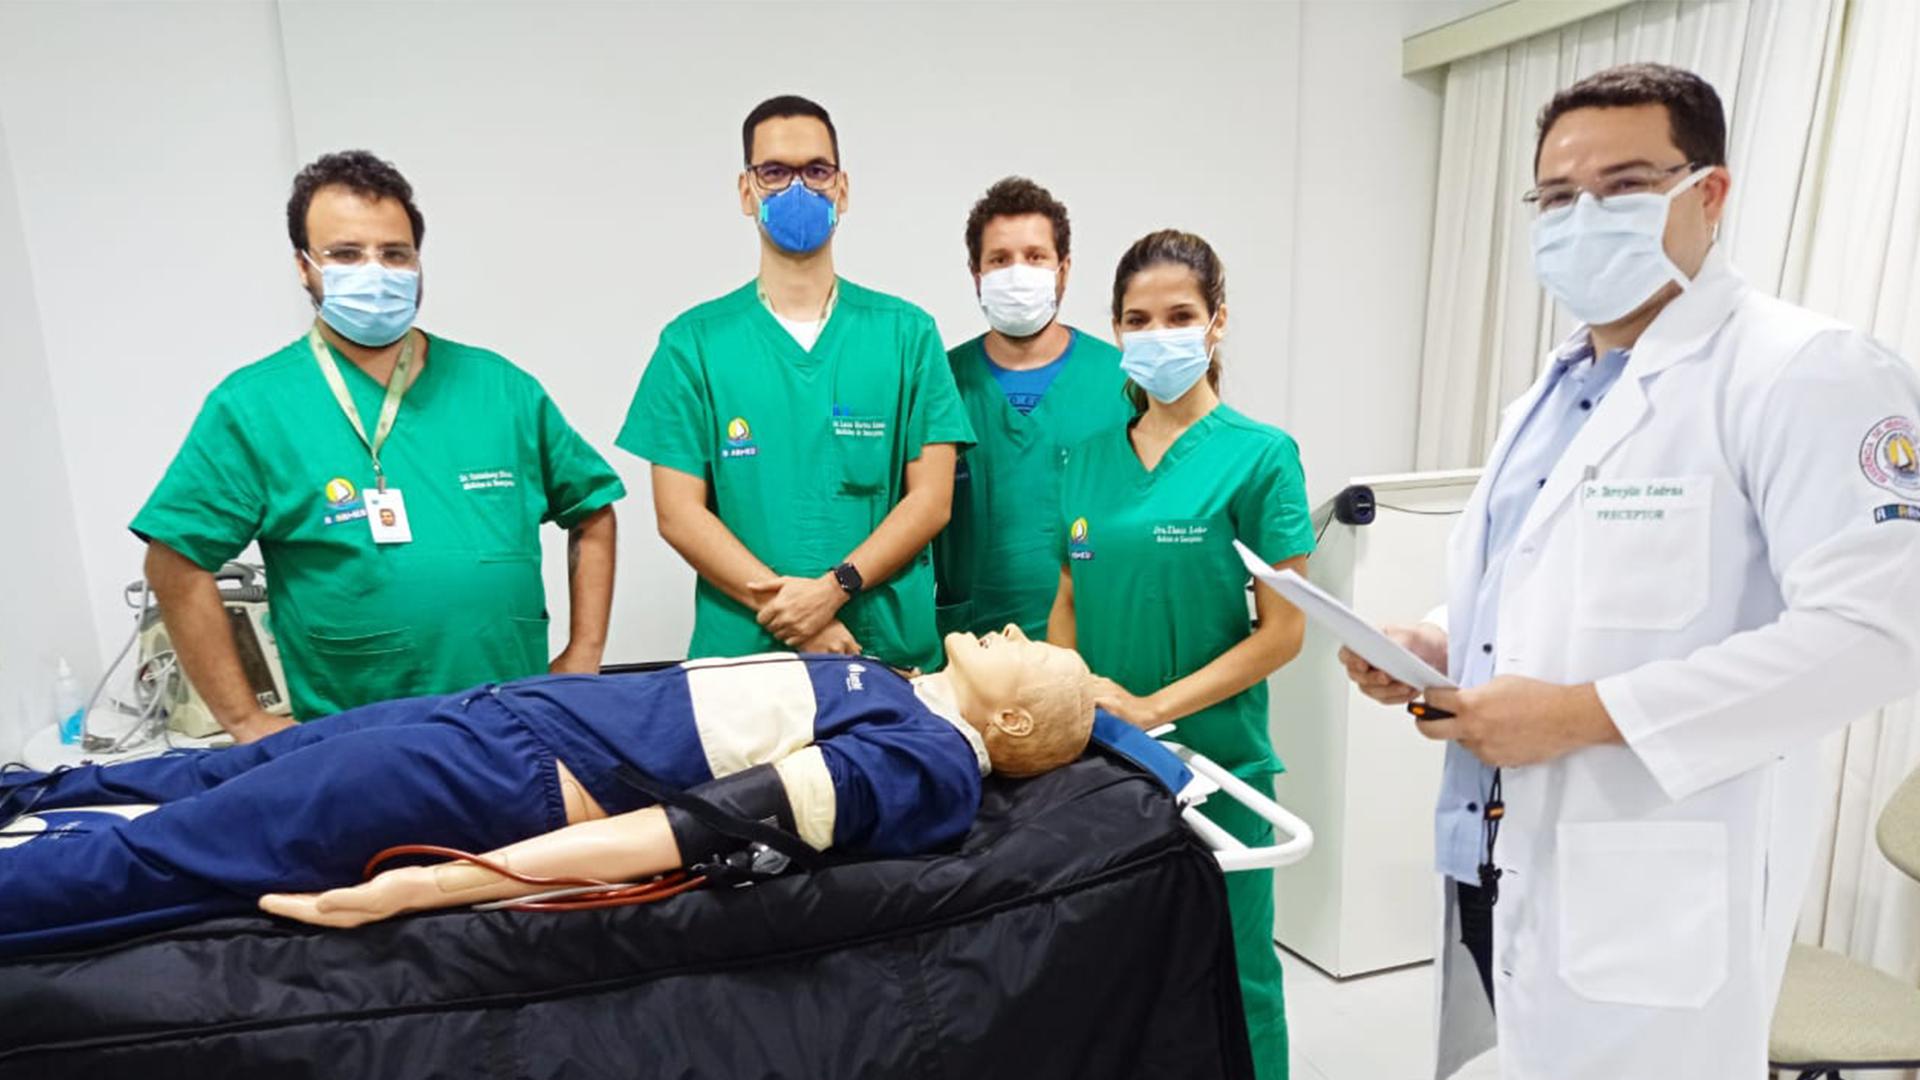 Programas de Residências em Saúde do Ceará abrem inscrições para mais de 950 vagas